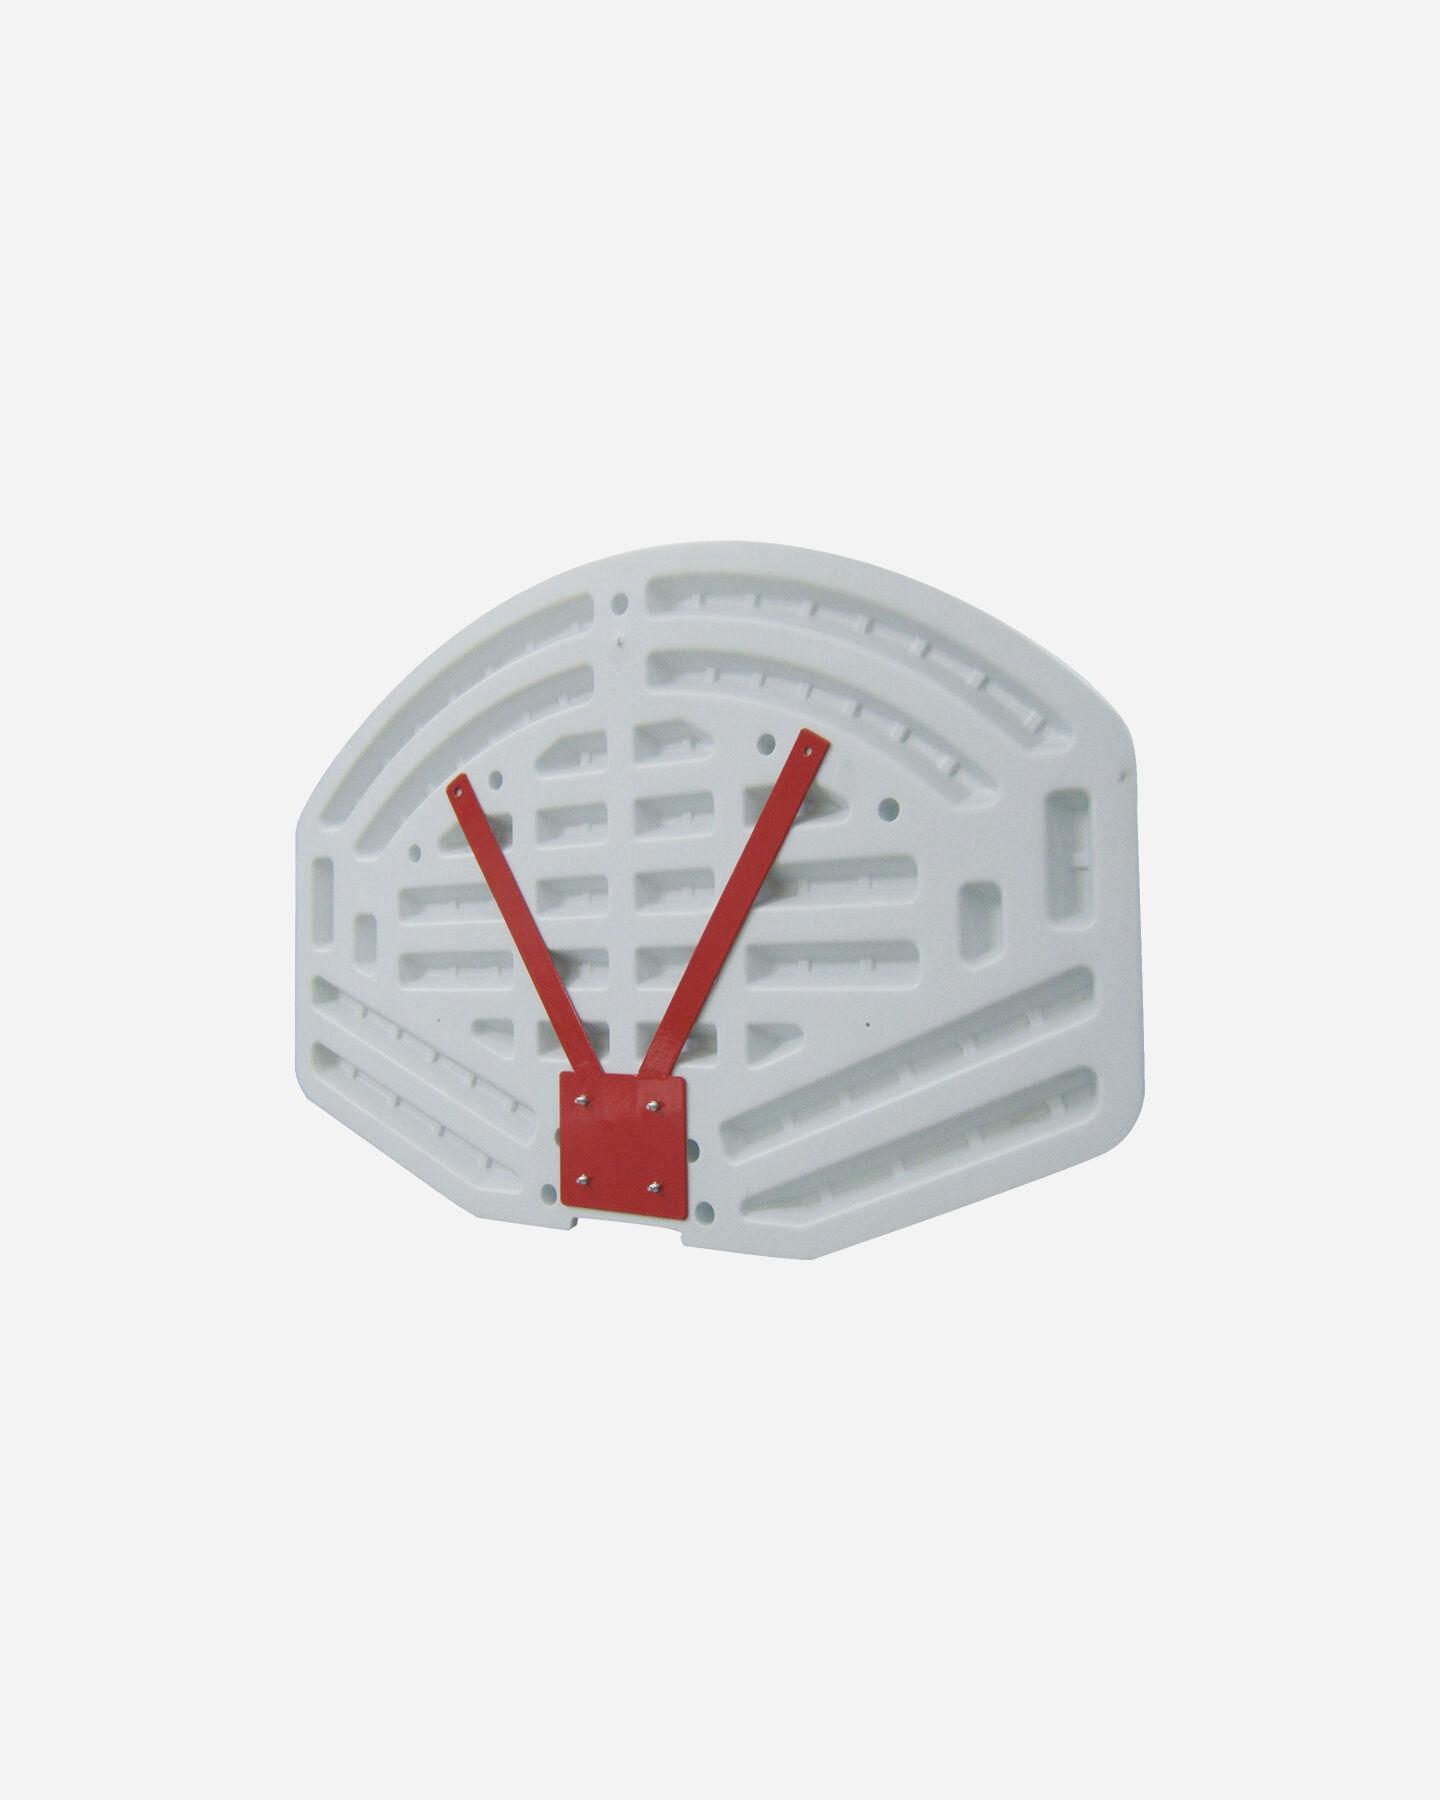 Canestro tabellone basket GARLANDO BOSTON S1267893|9999|UNI scatto 1